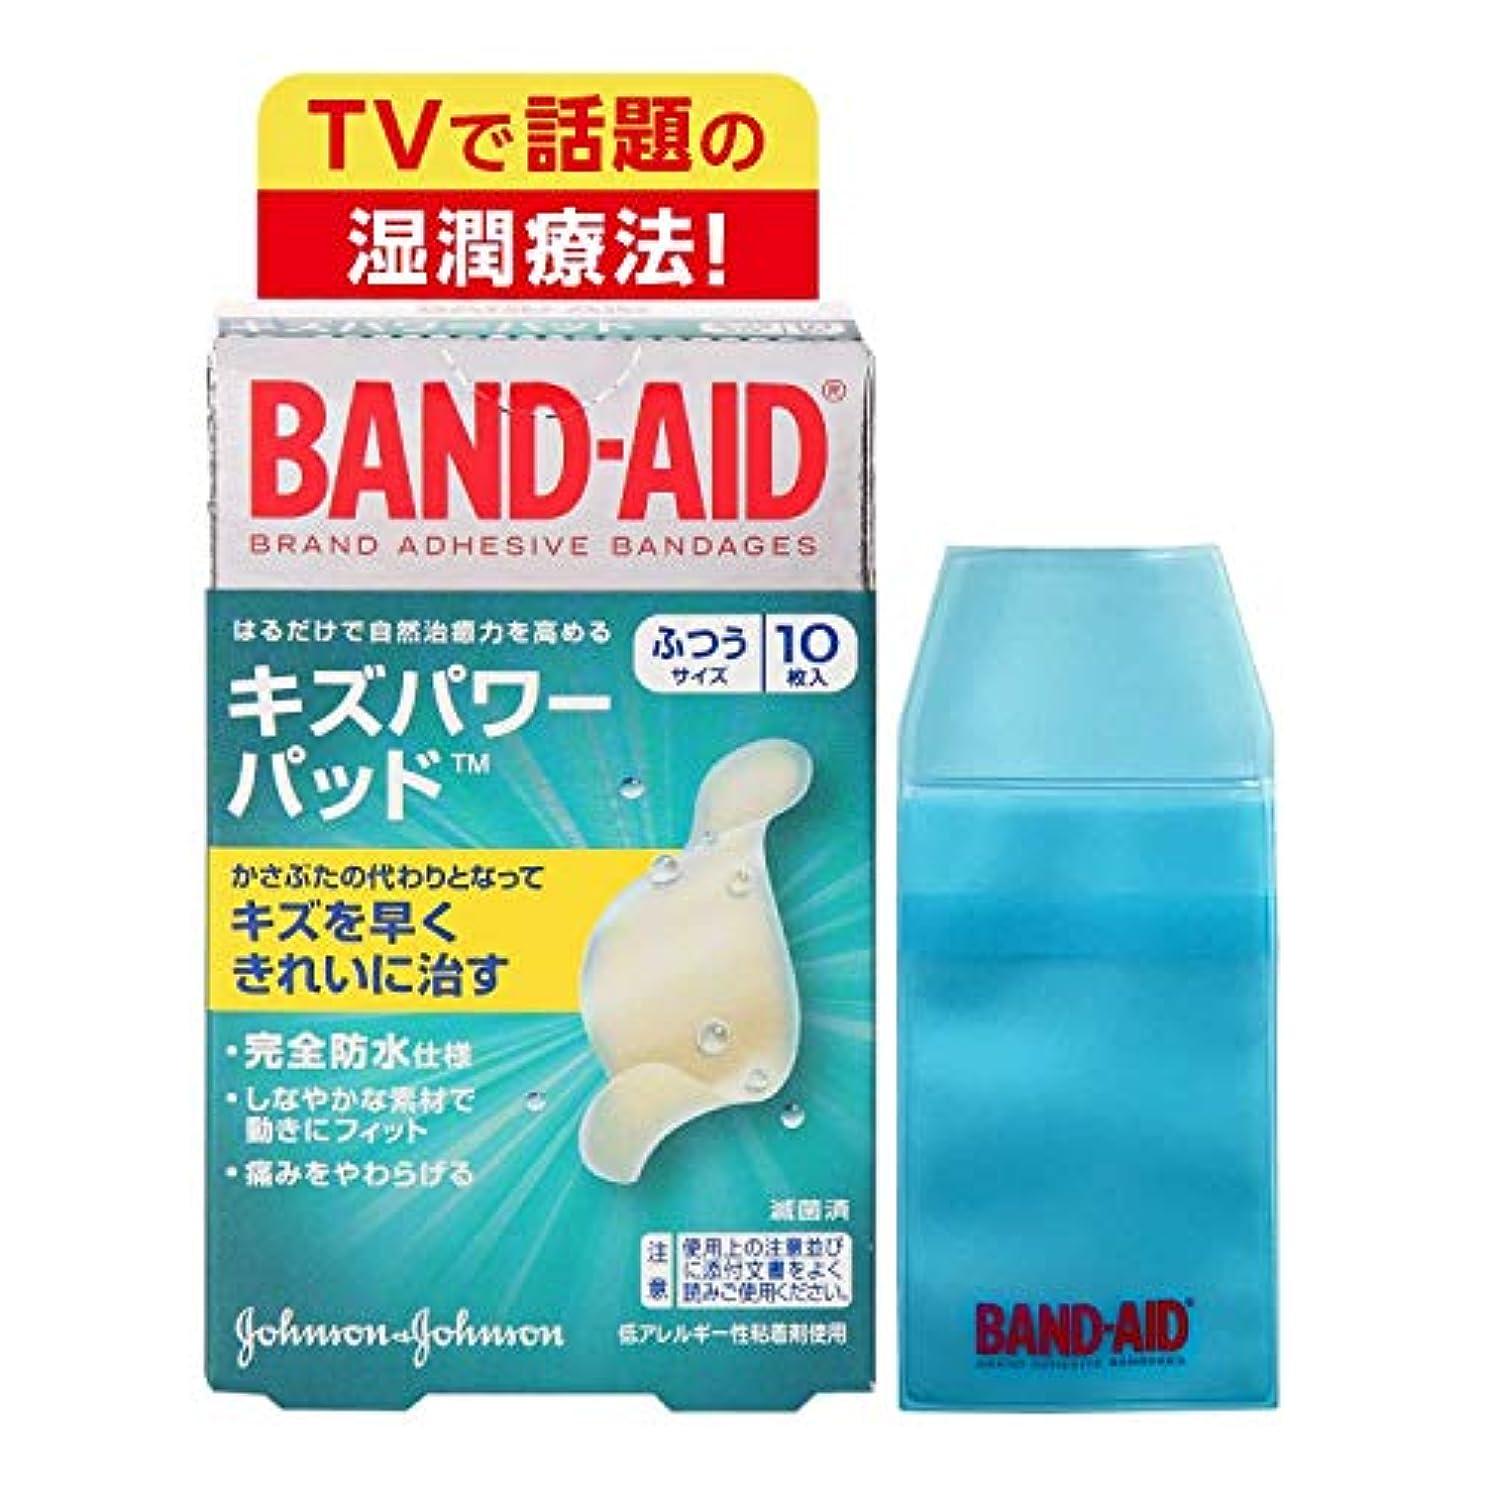 ペデスタルあまりにも船乗り【Amazon.co.jp限定】BAND-AID(バンドエイド) キズパワーパッド ふつうサイズ 10枚+ケース付 絆創膏